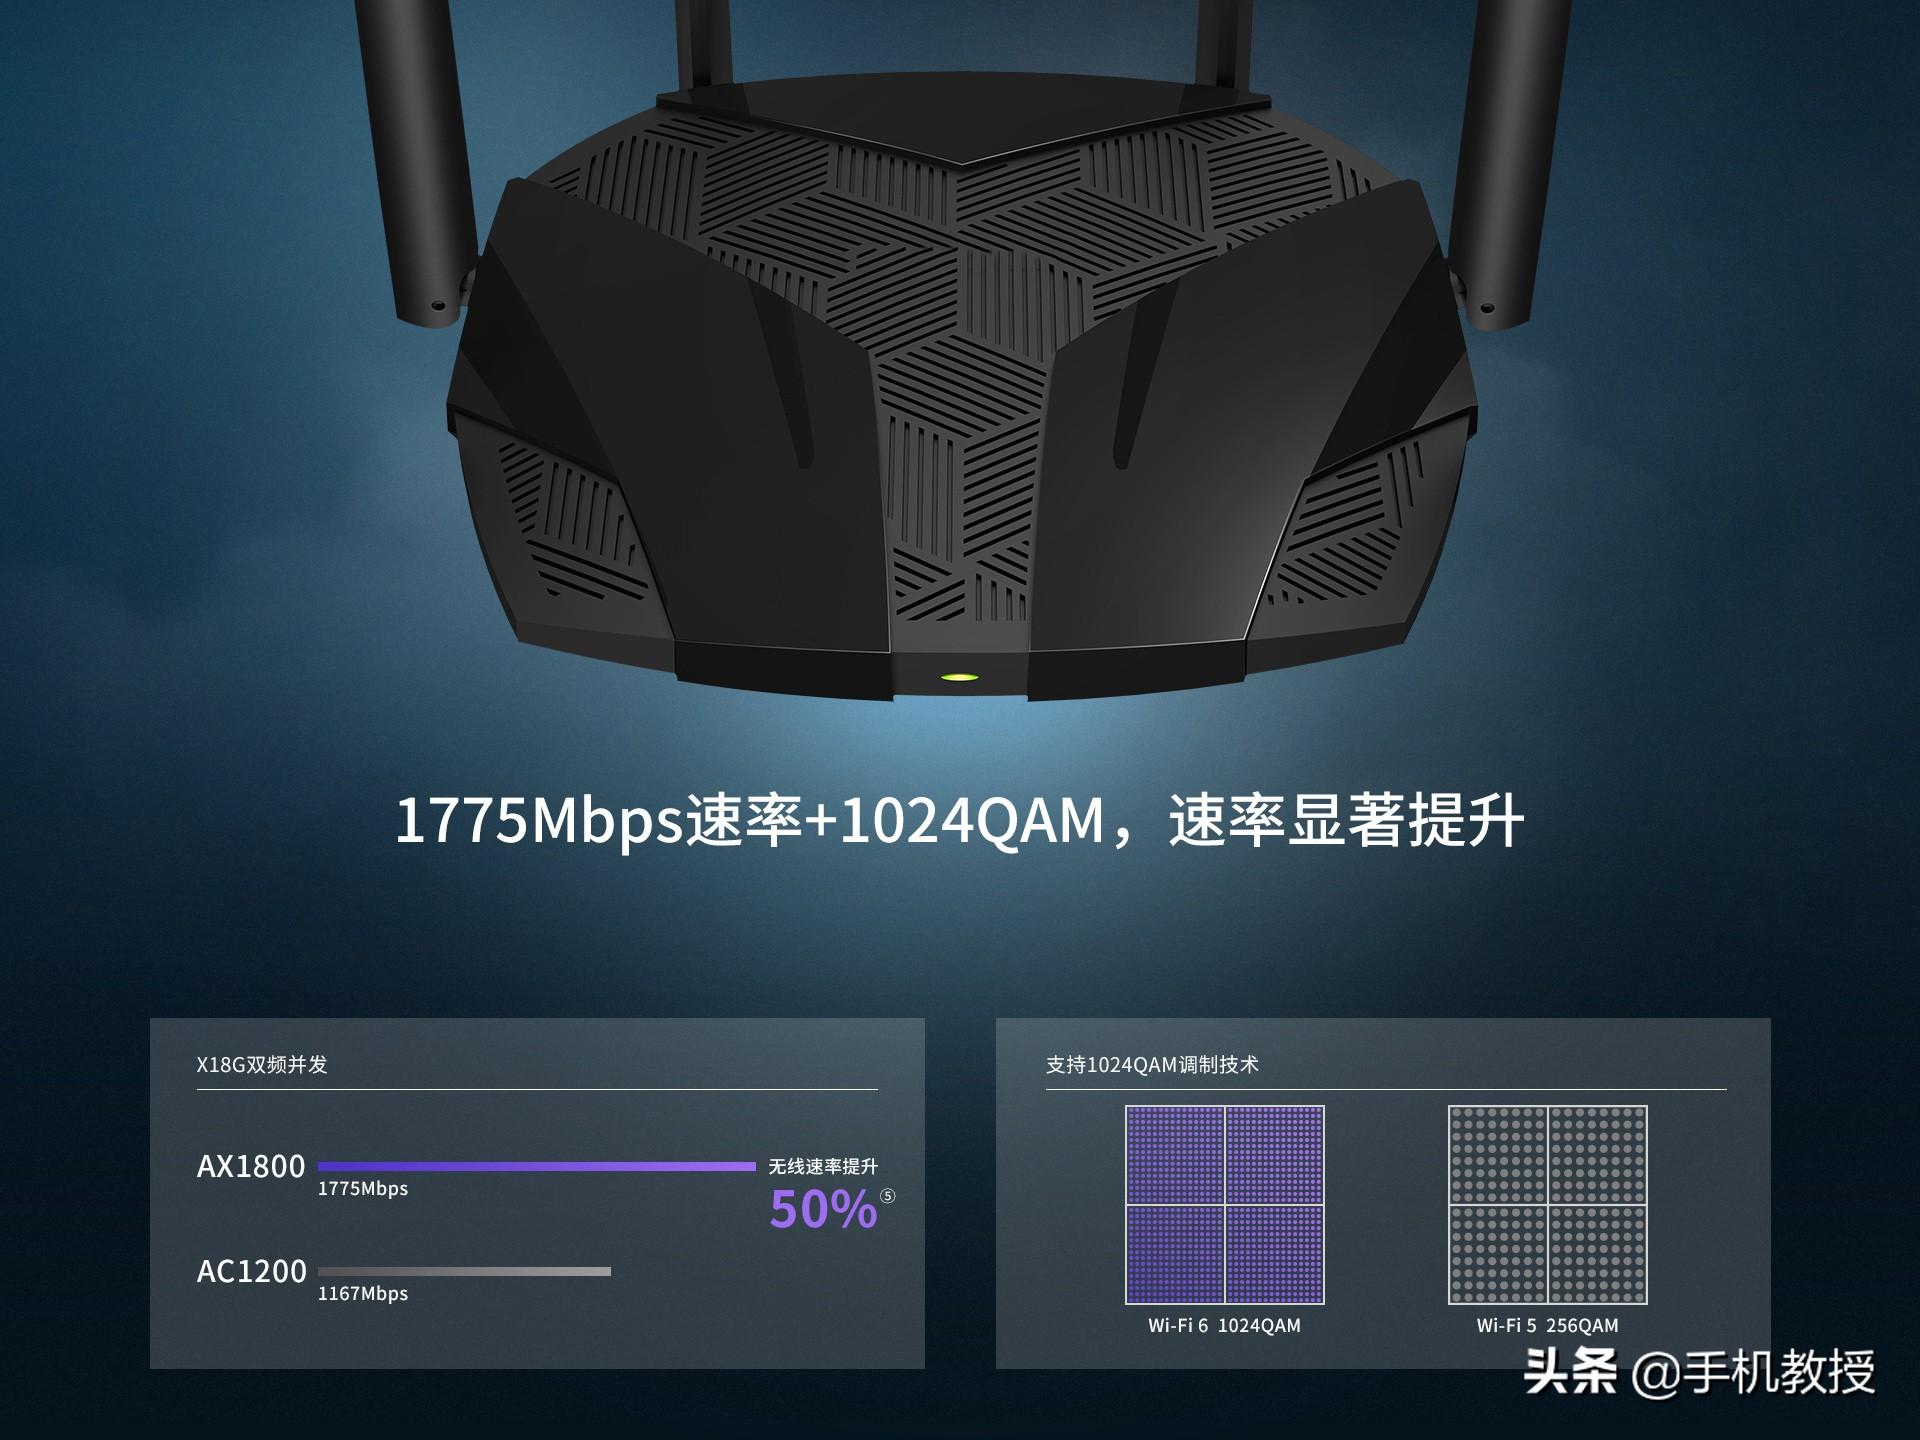 宽带和wifi有什么区别(wi-fi速度跟宽带有关吗)(2)